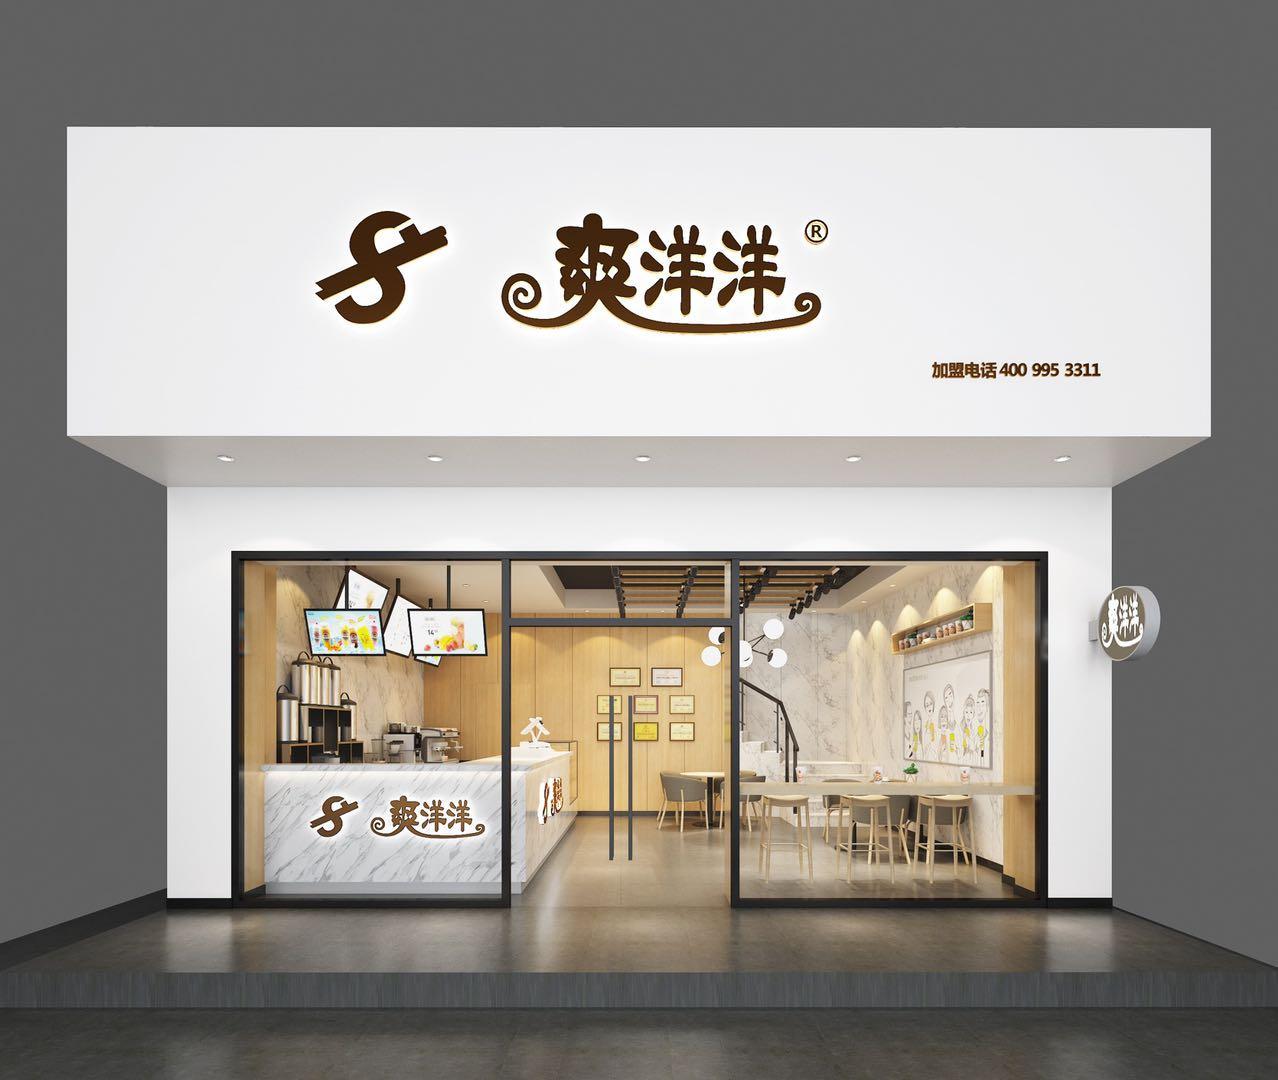 爽洋洋奶茶创始人是谁?如何以诚信、质量碾压众多奶茶品牌!